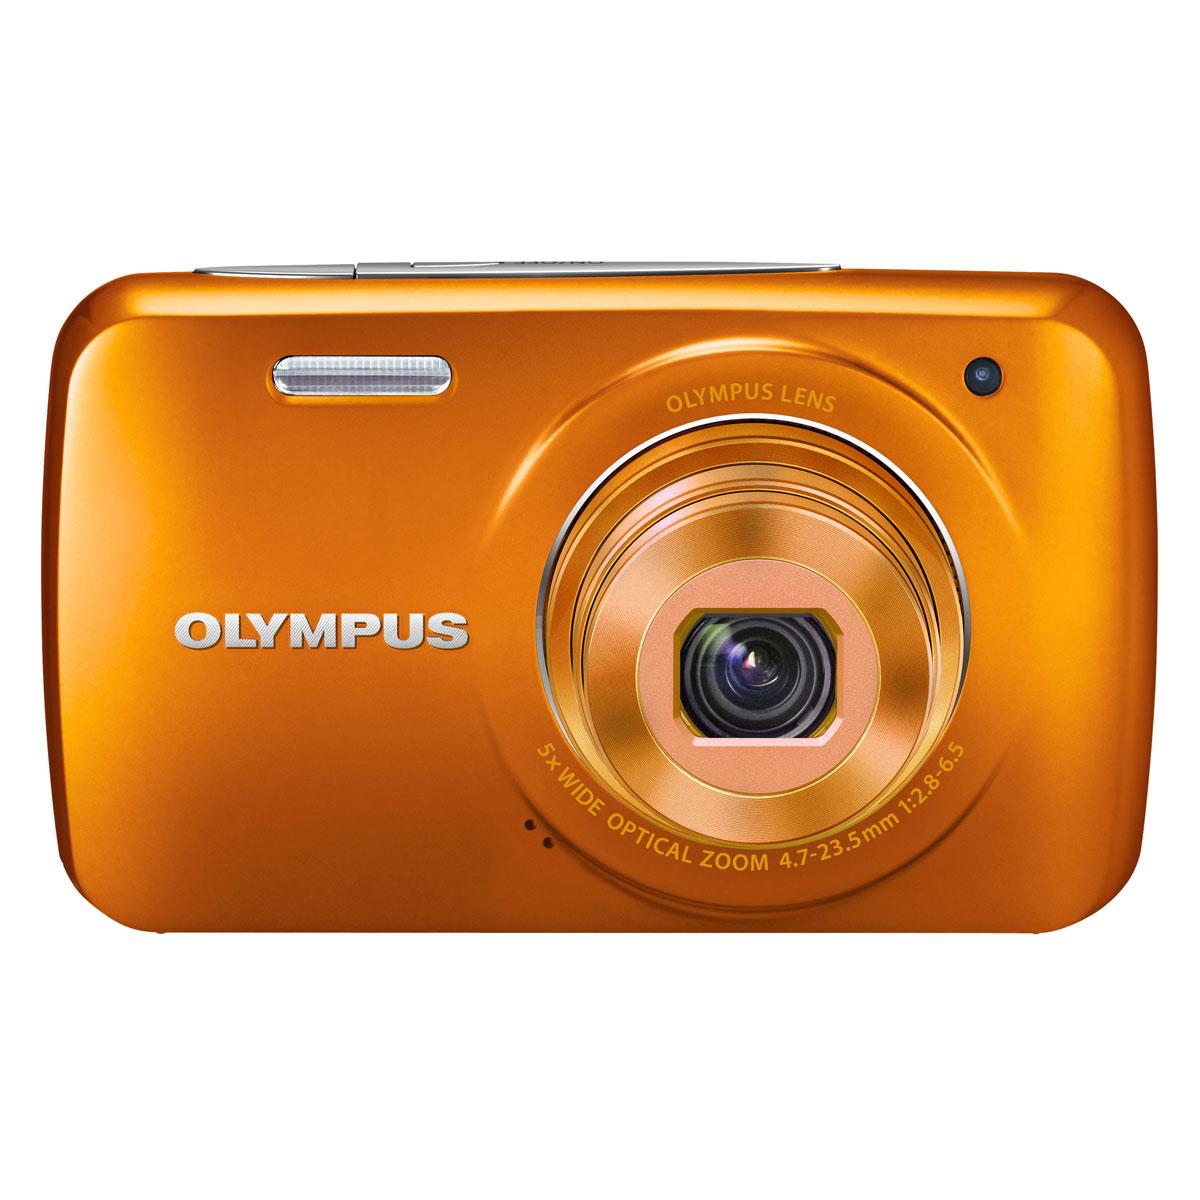 olympus vh 210 orange appareil photo num rique olympus sur ldlc. Black Bedroom Furniture Sets. Home Design Ideas